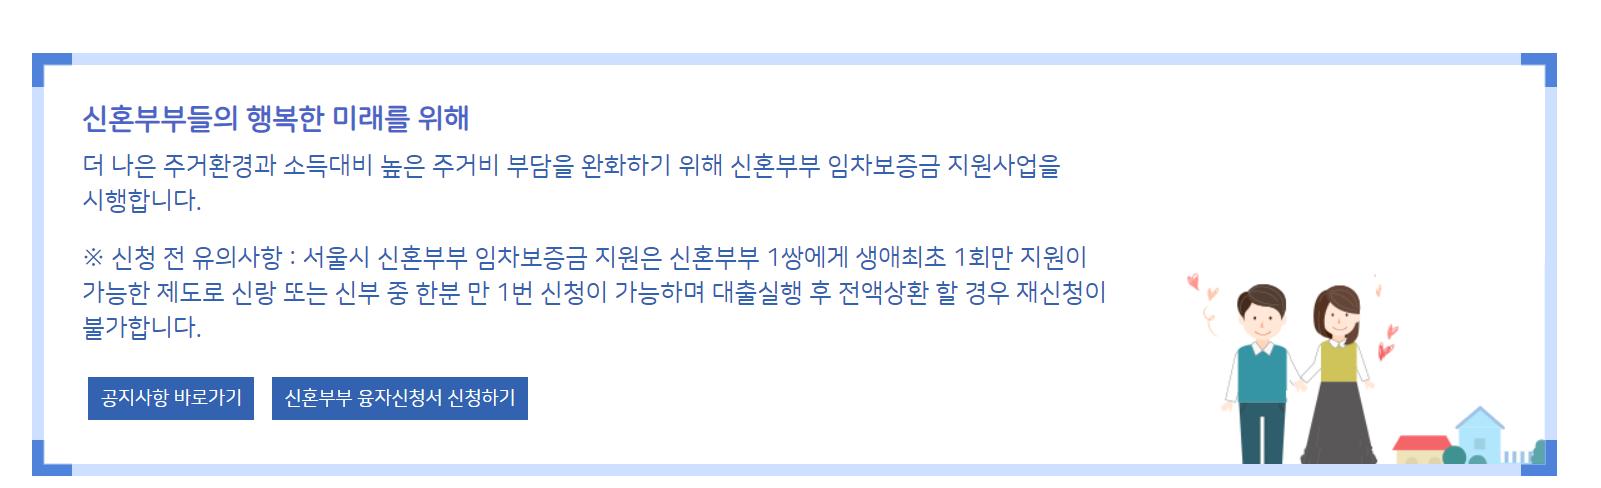 """서울시 신혼부부 전세자금대출"""" data-ke-mobilestyle="""